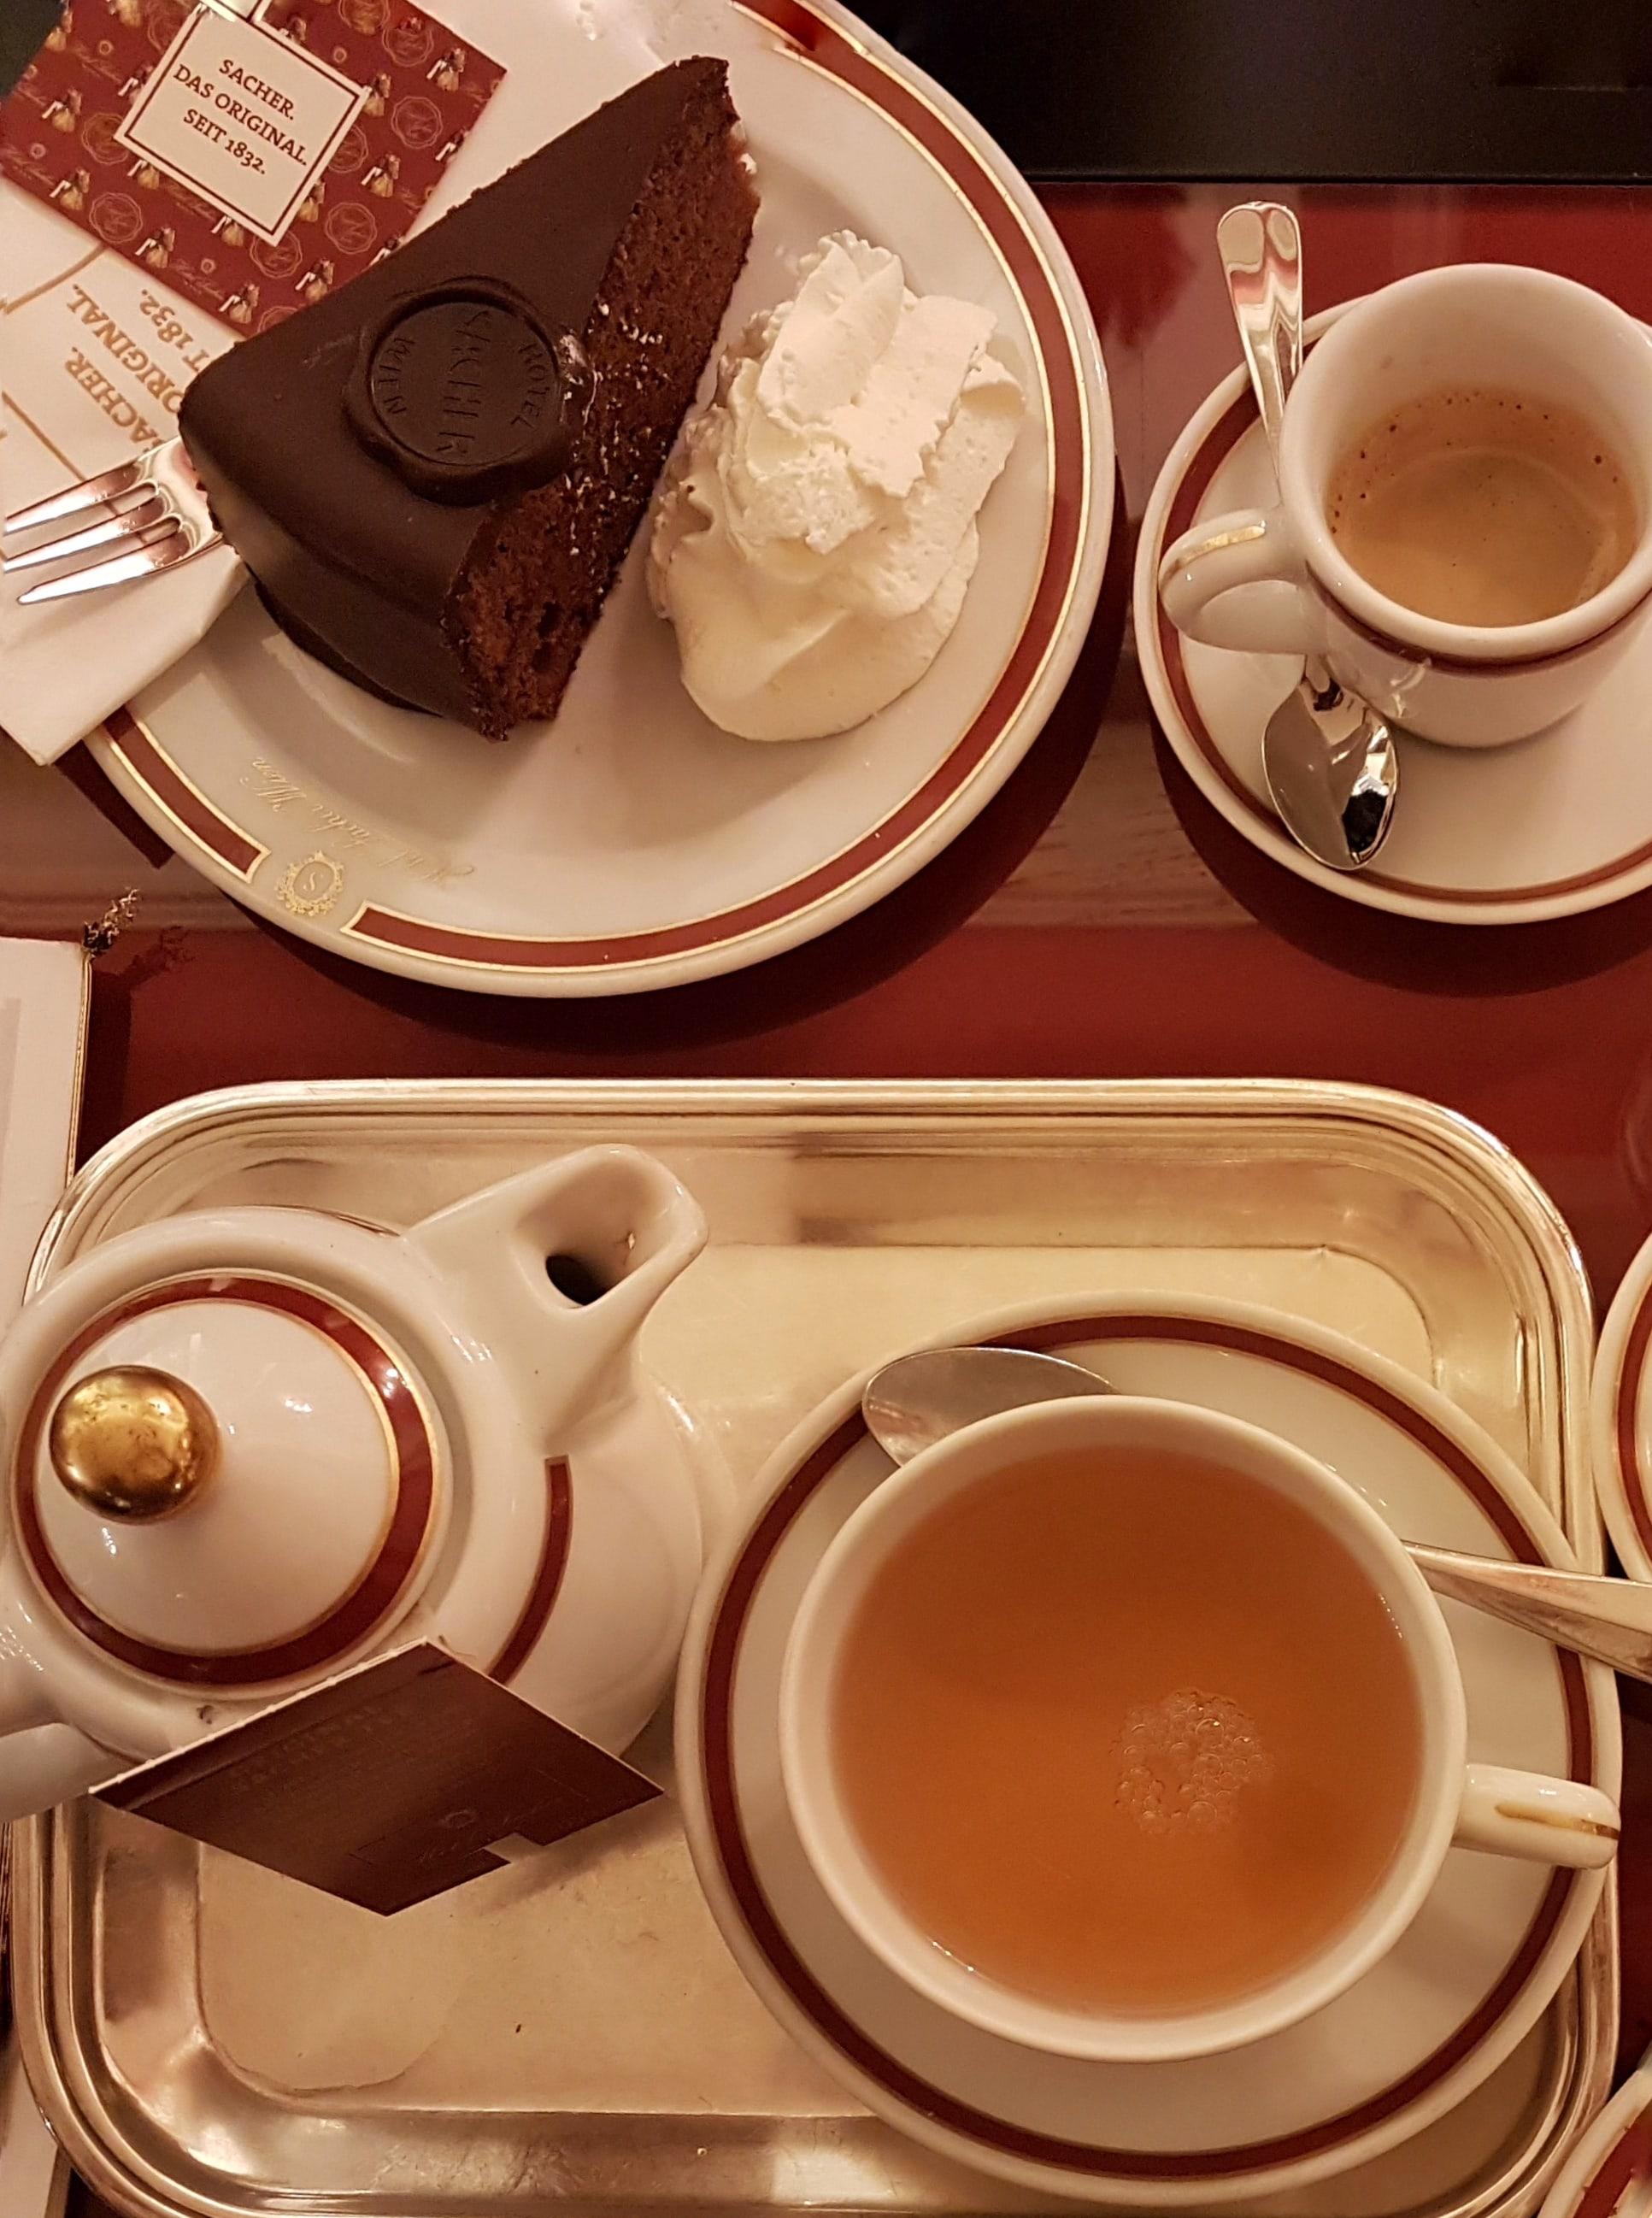 Sacher e té al Sacher Café di Innsbruck